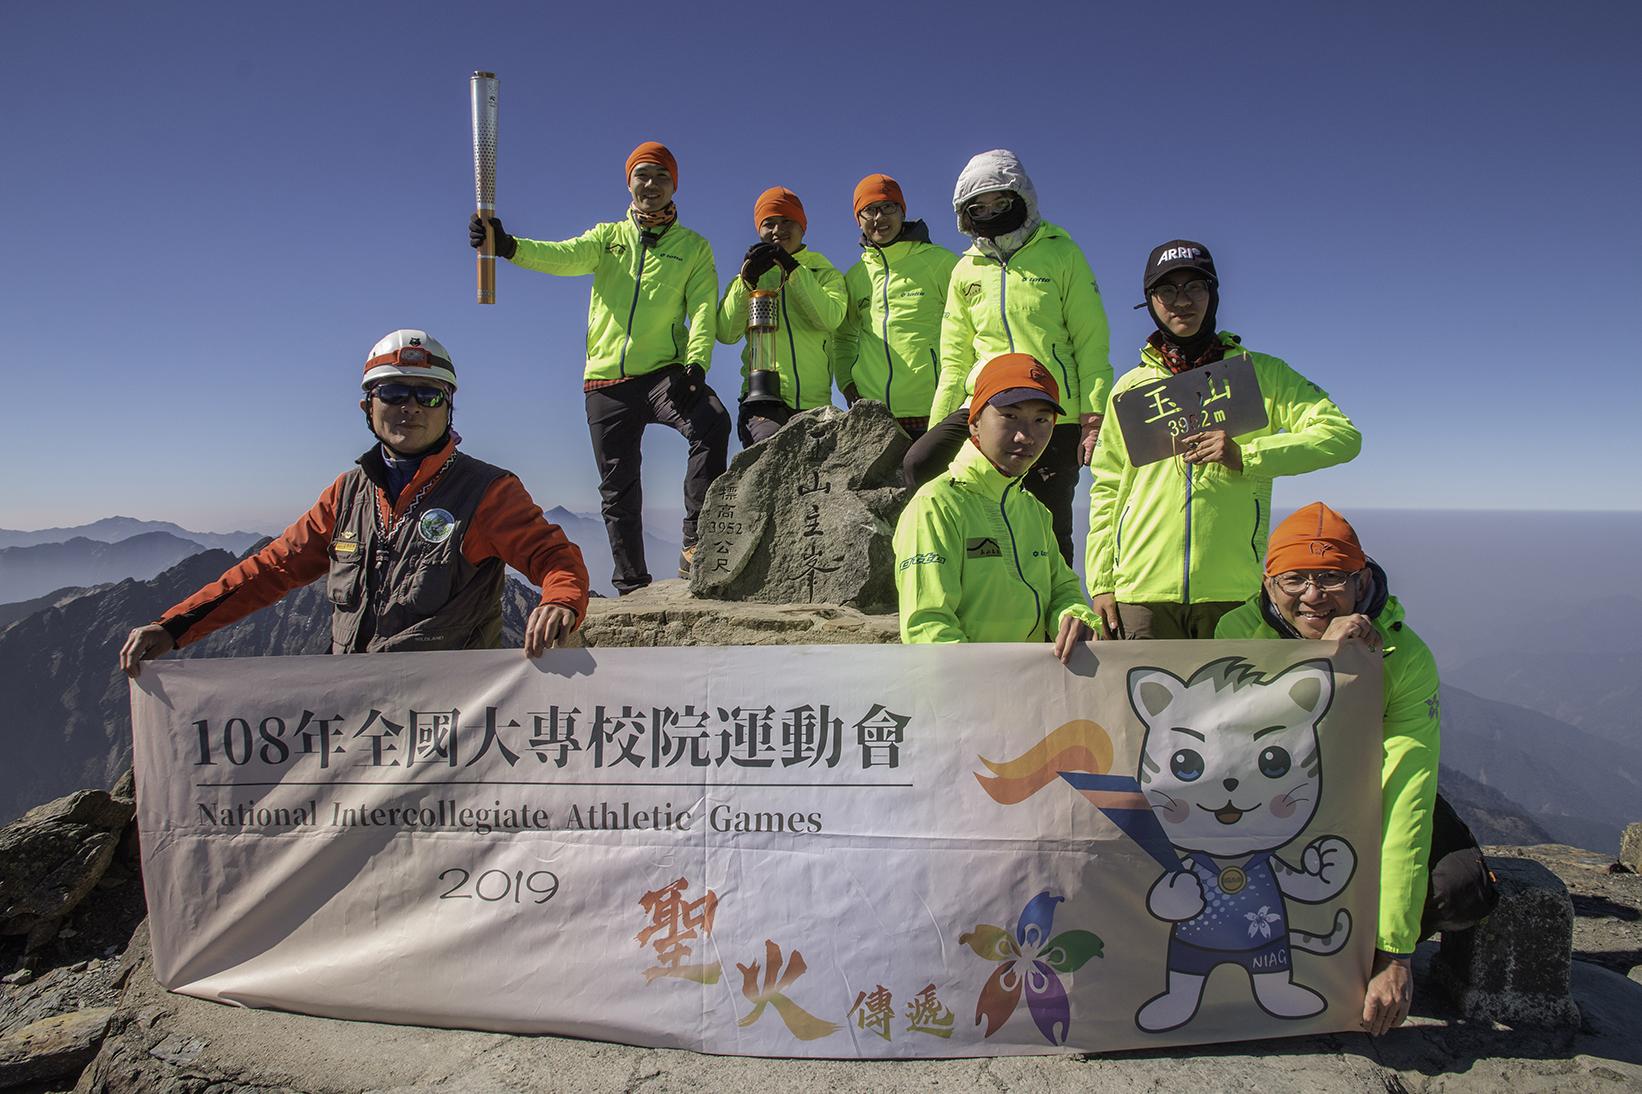 全大運聖火傳遞開跑 超馬選手陳彥博率中正健兒點燃聖火-108年全國大專運動會